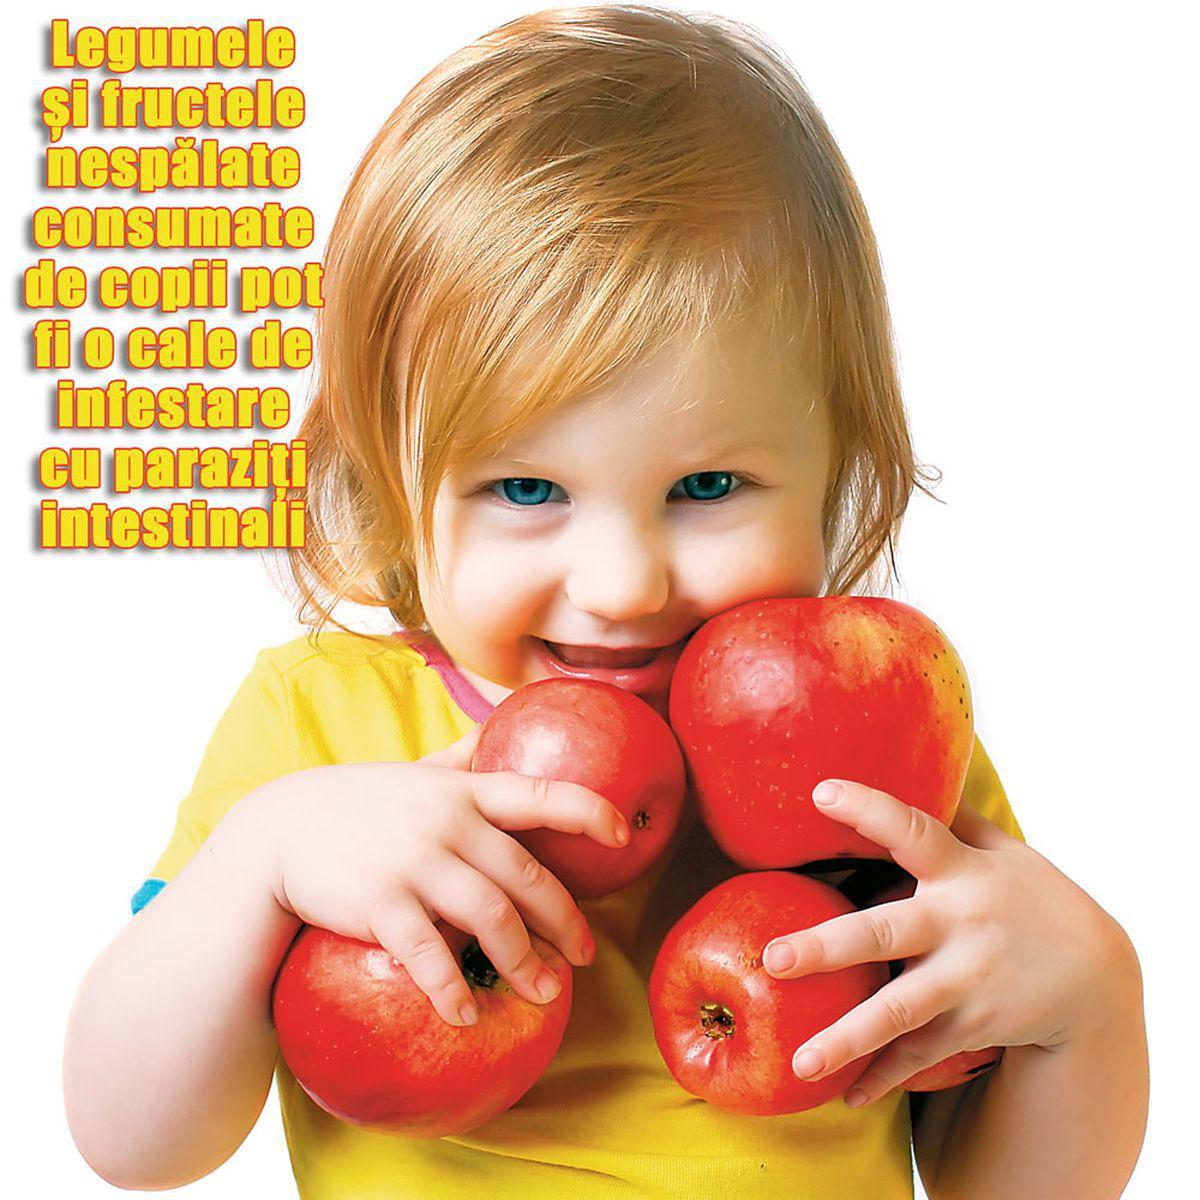 ce oferă copilul pentru a preveni viermii sarcina giardia primul trimestru